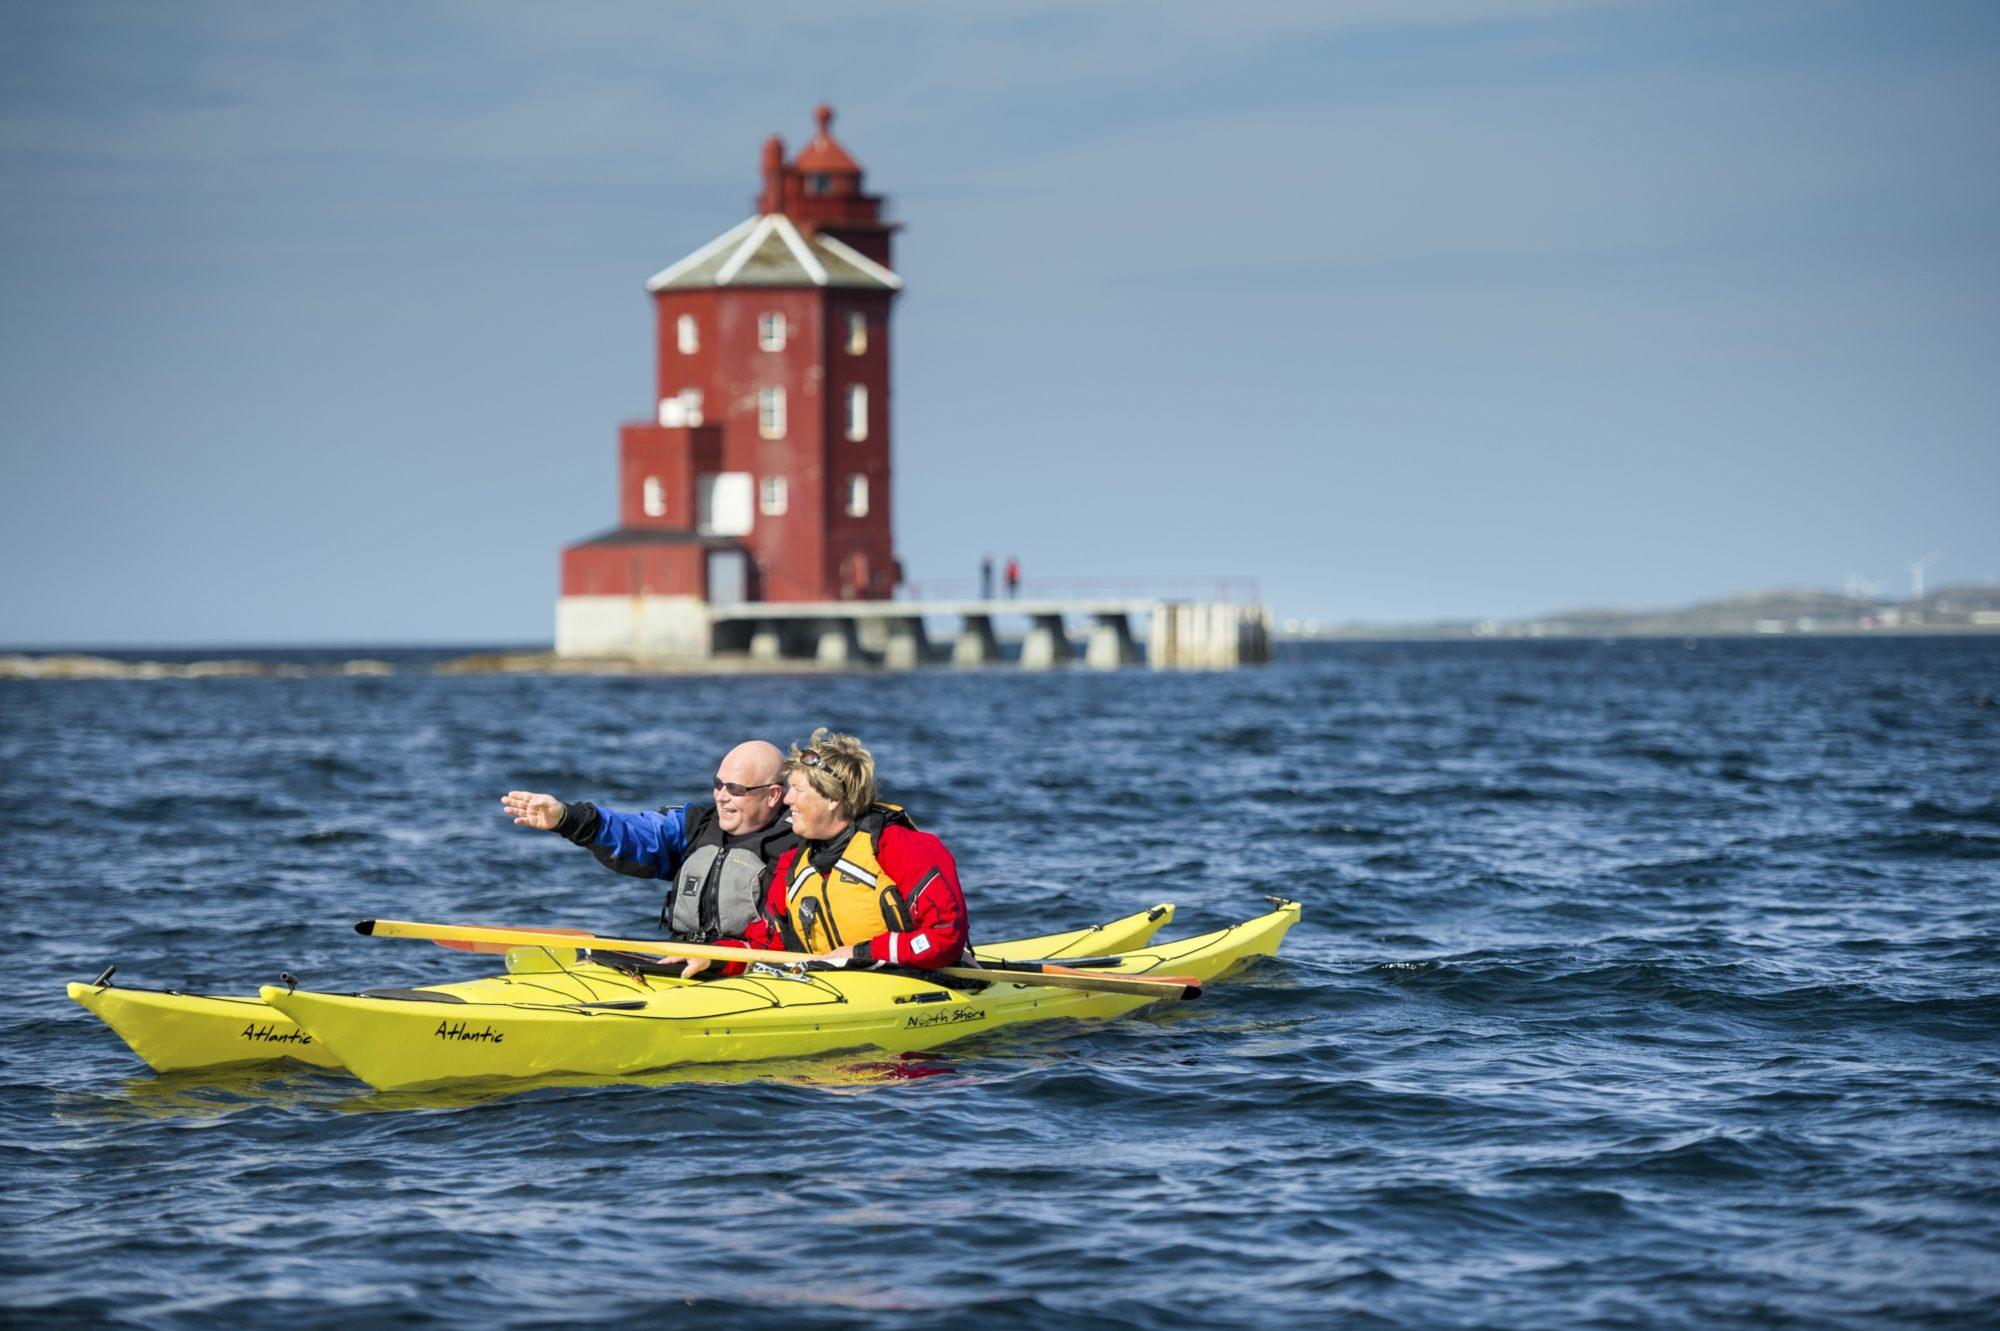 Kajakkpadling på kysten av Trøndelag. Foto: CH / trondelag.com